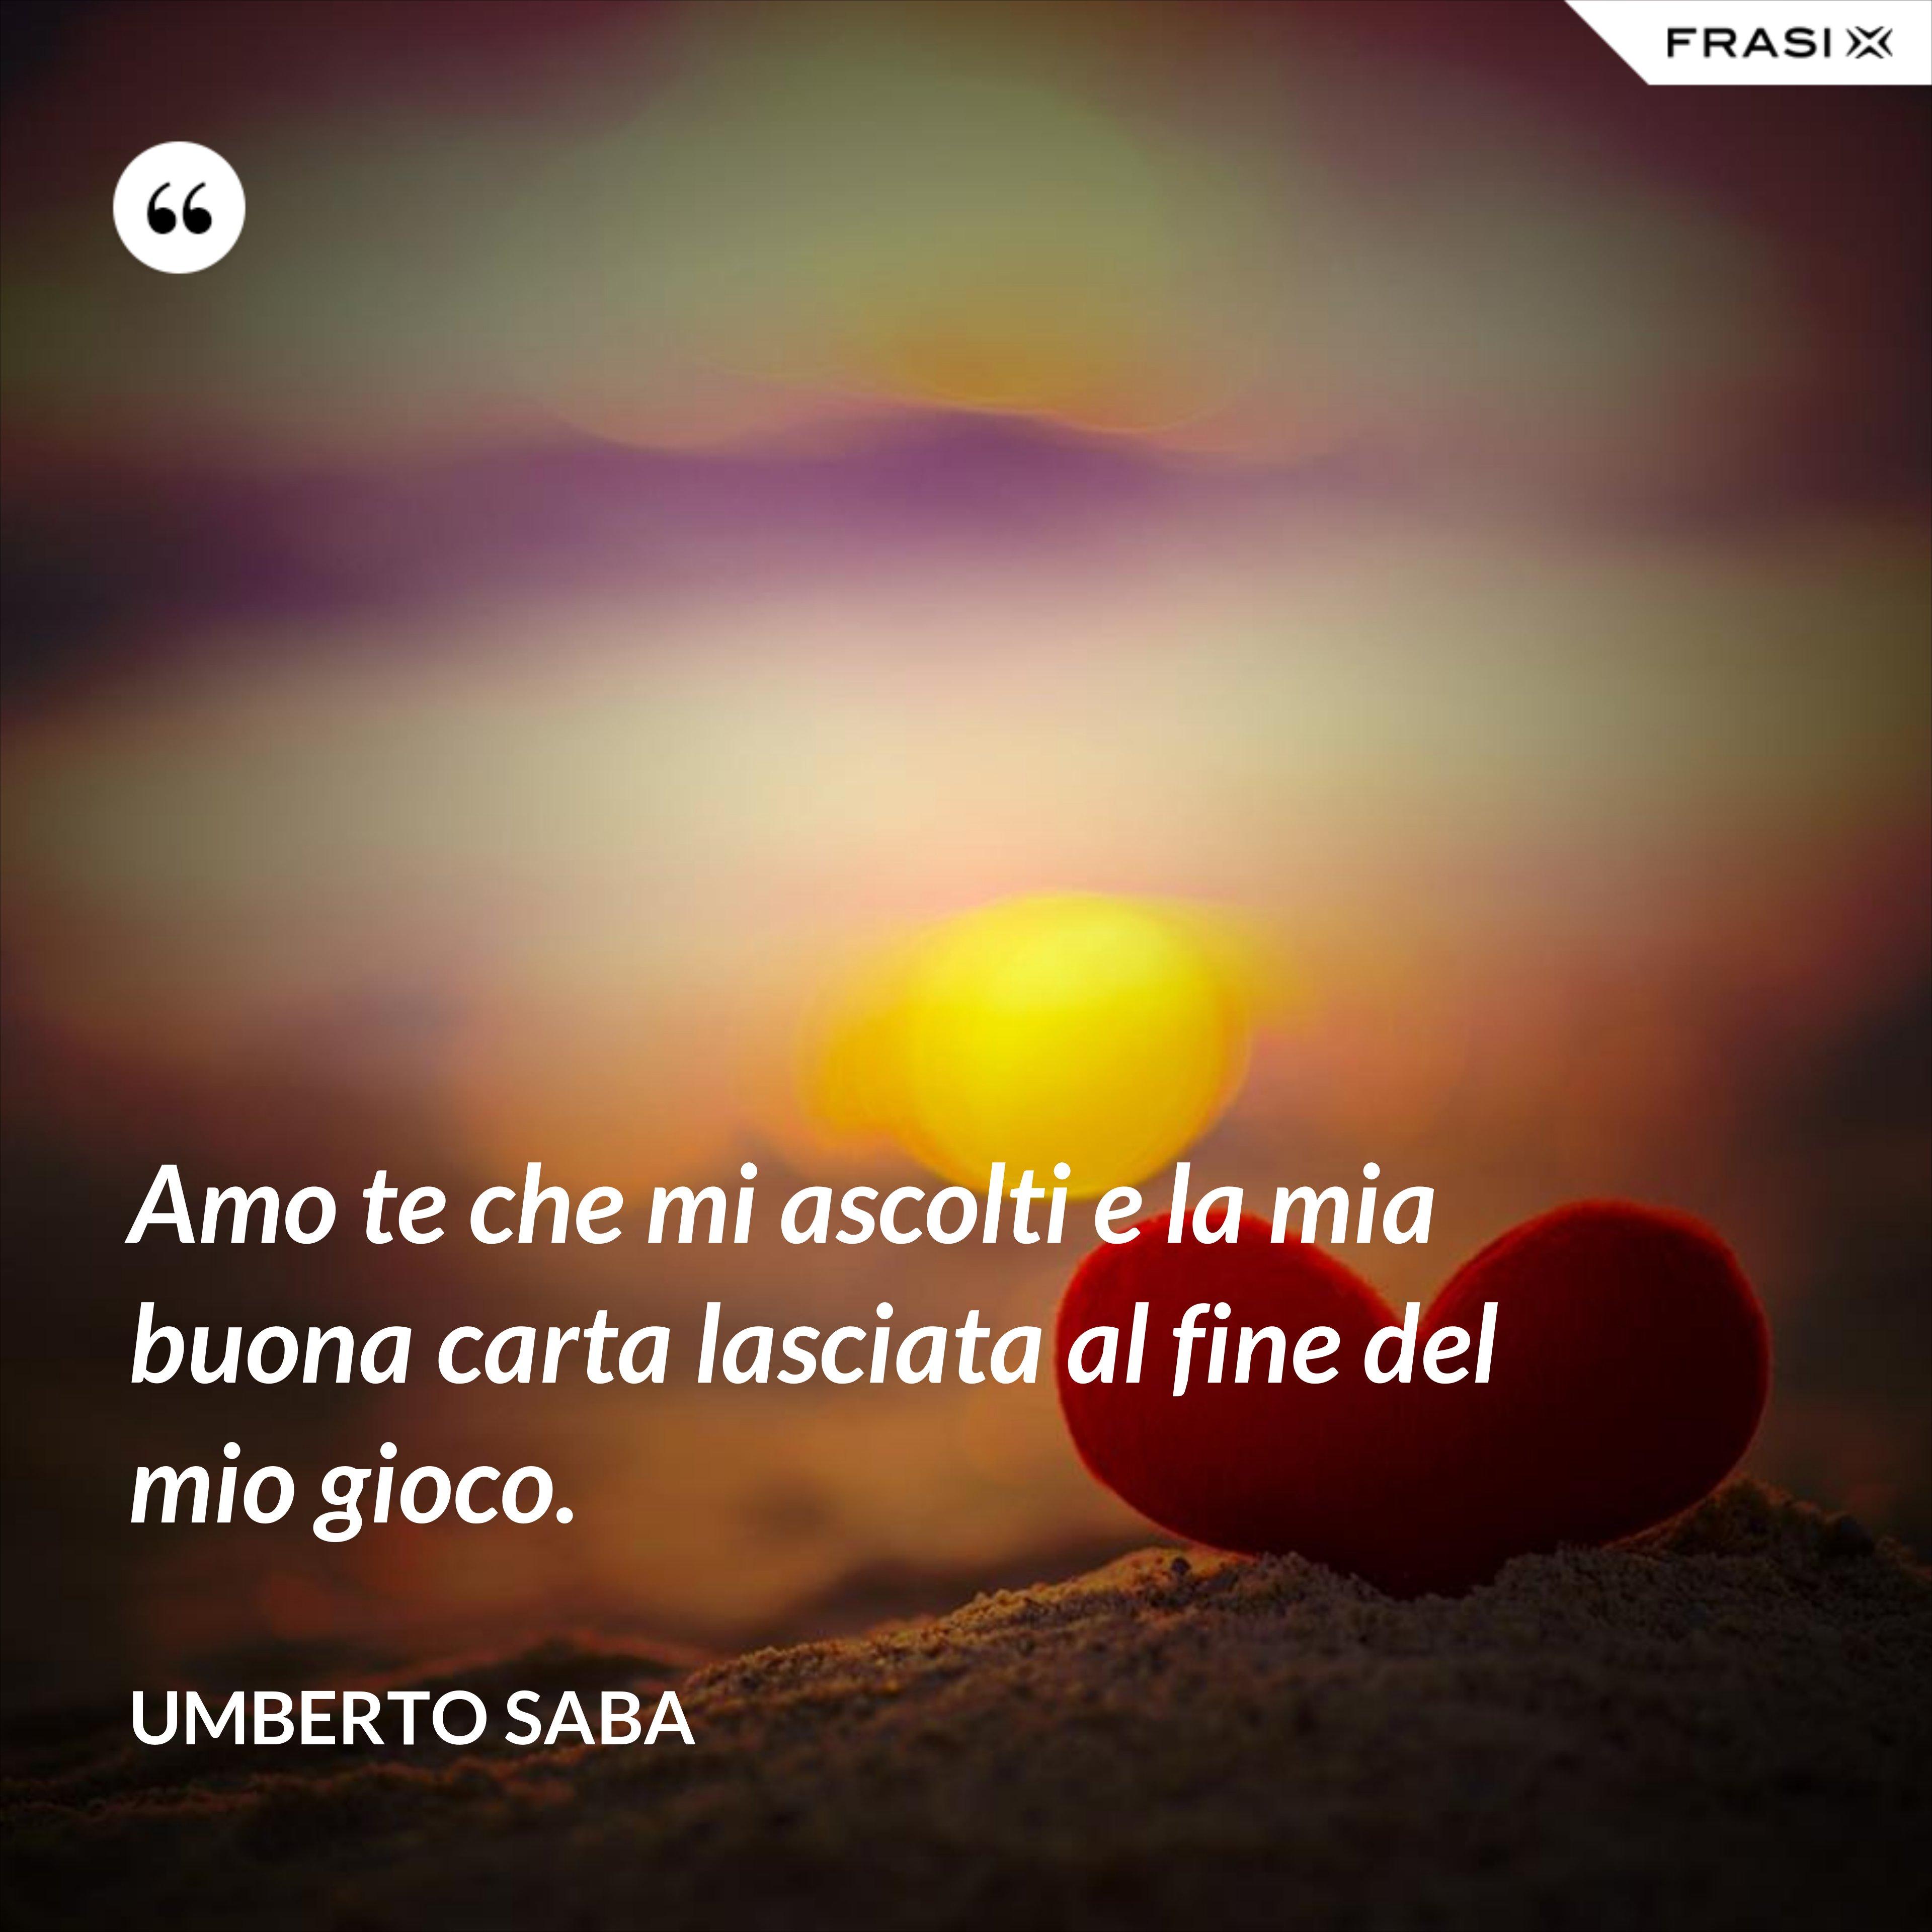 Amo te che mi ascolti e la mia buona carta lasciata al fine del mio gioco. - Umberto Saba